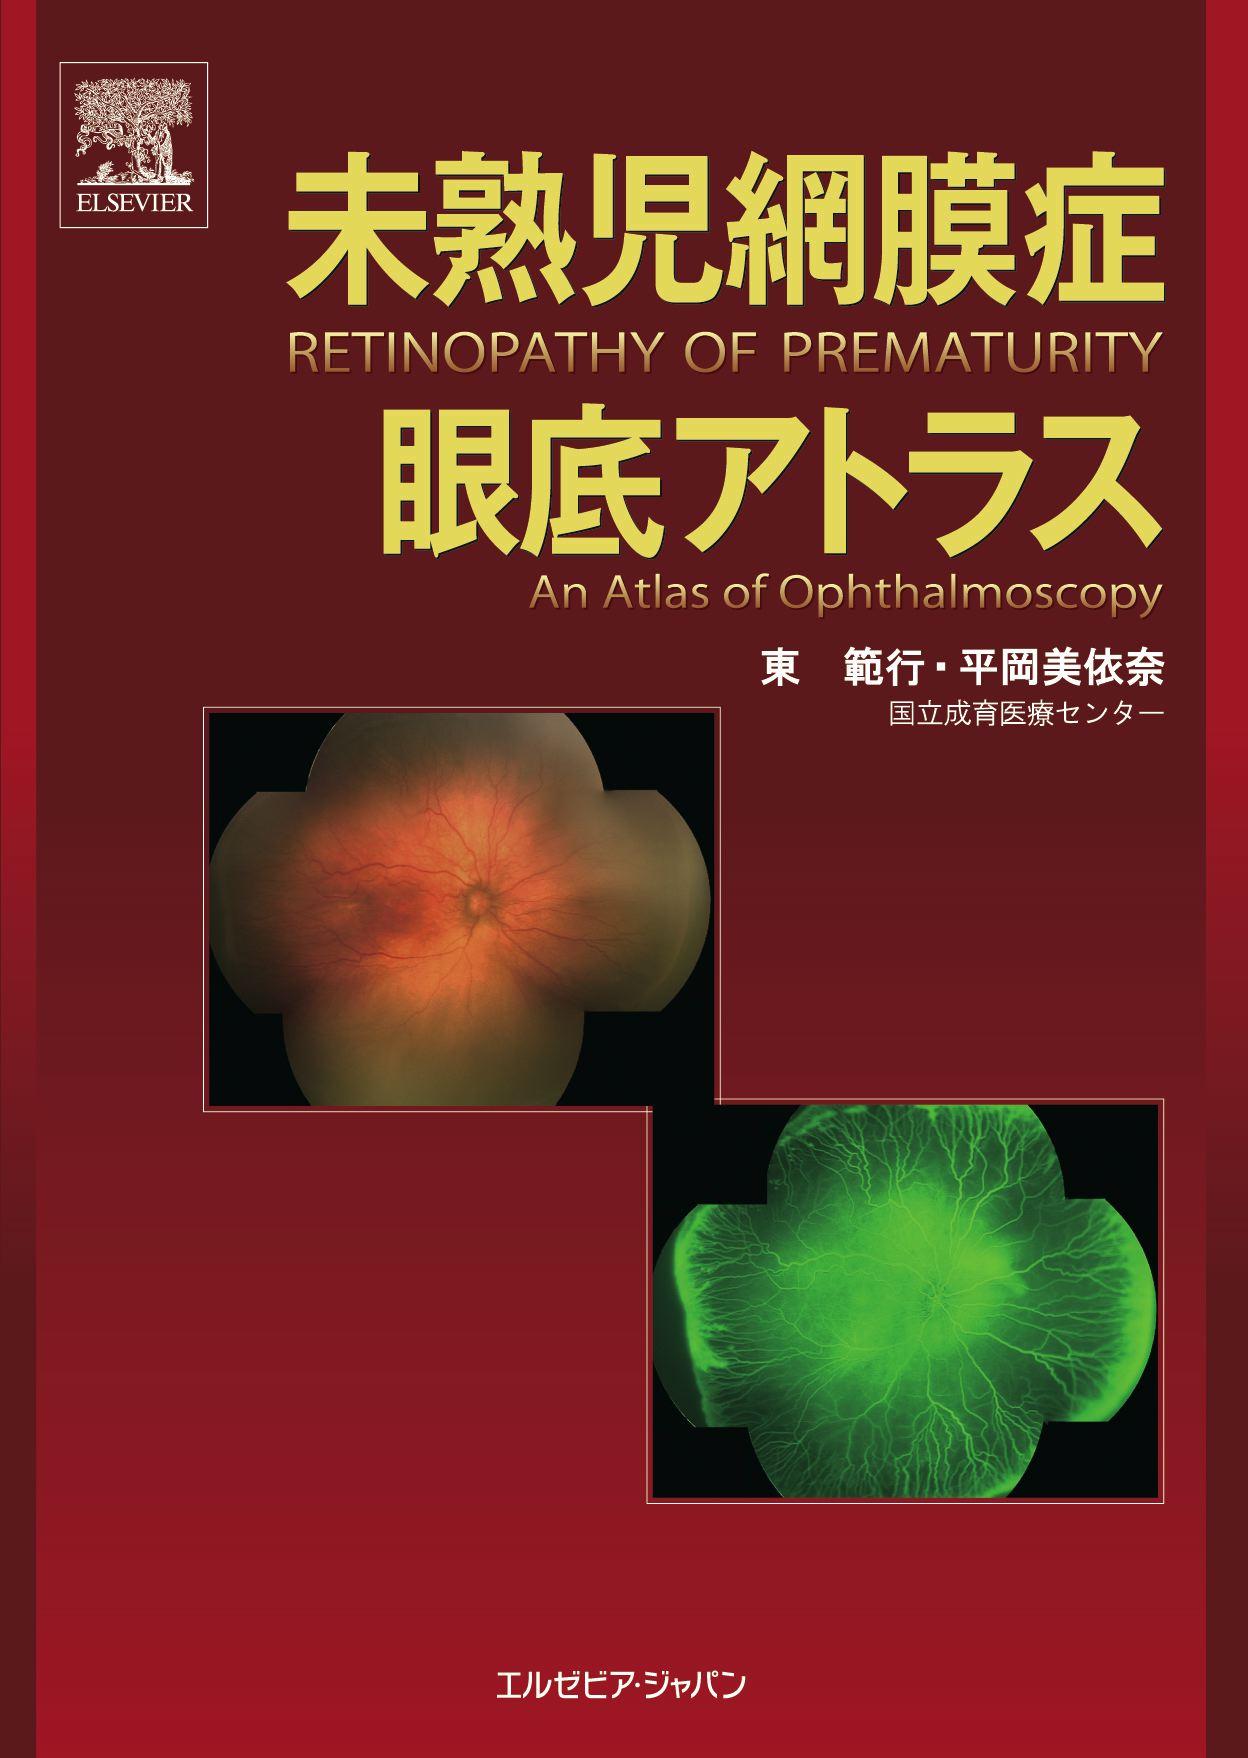 眼科 > 斜視弱視・小児疾患・ロービジョン - 未熟児網膜症 眼底